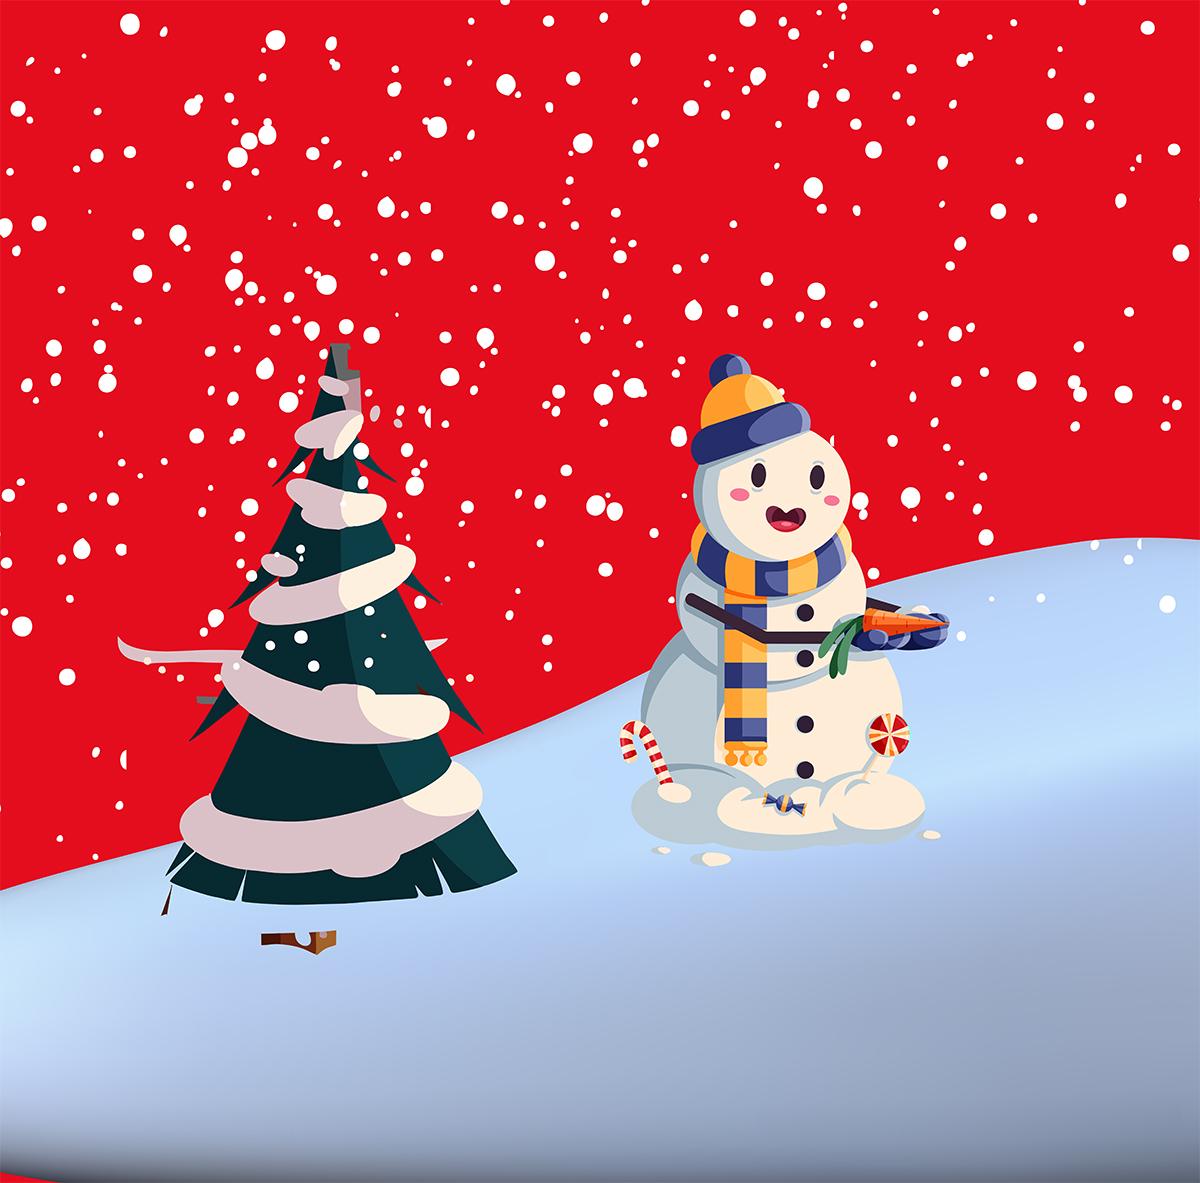 Las nevadas navideñas llegan a MN4